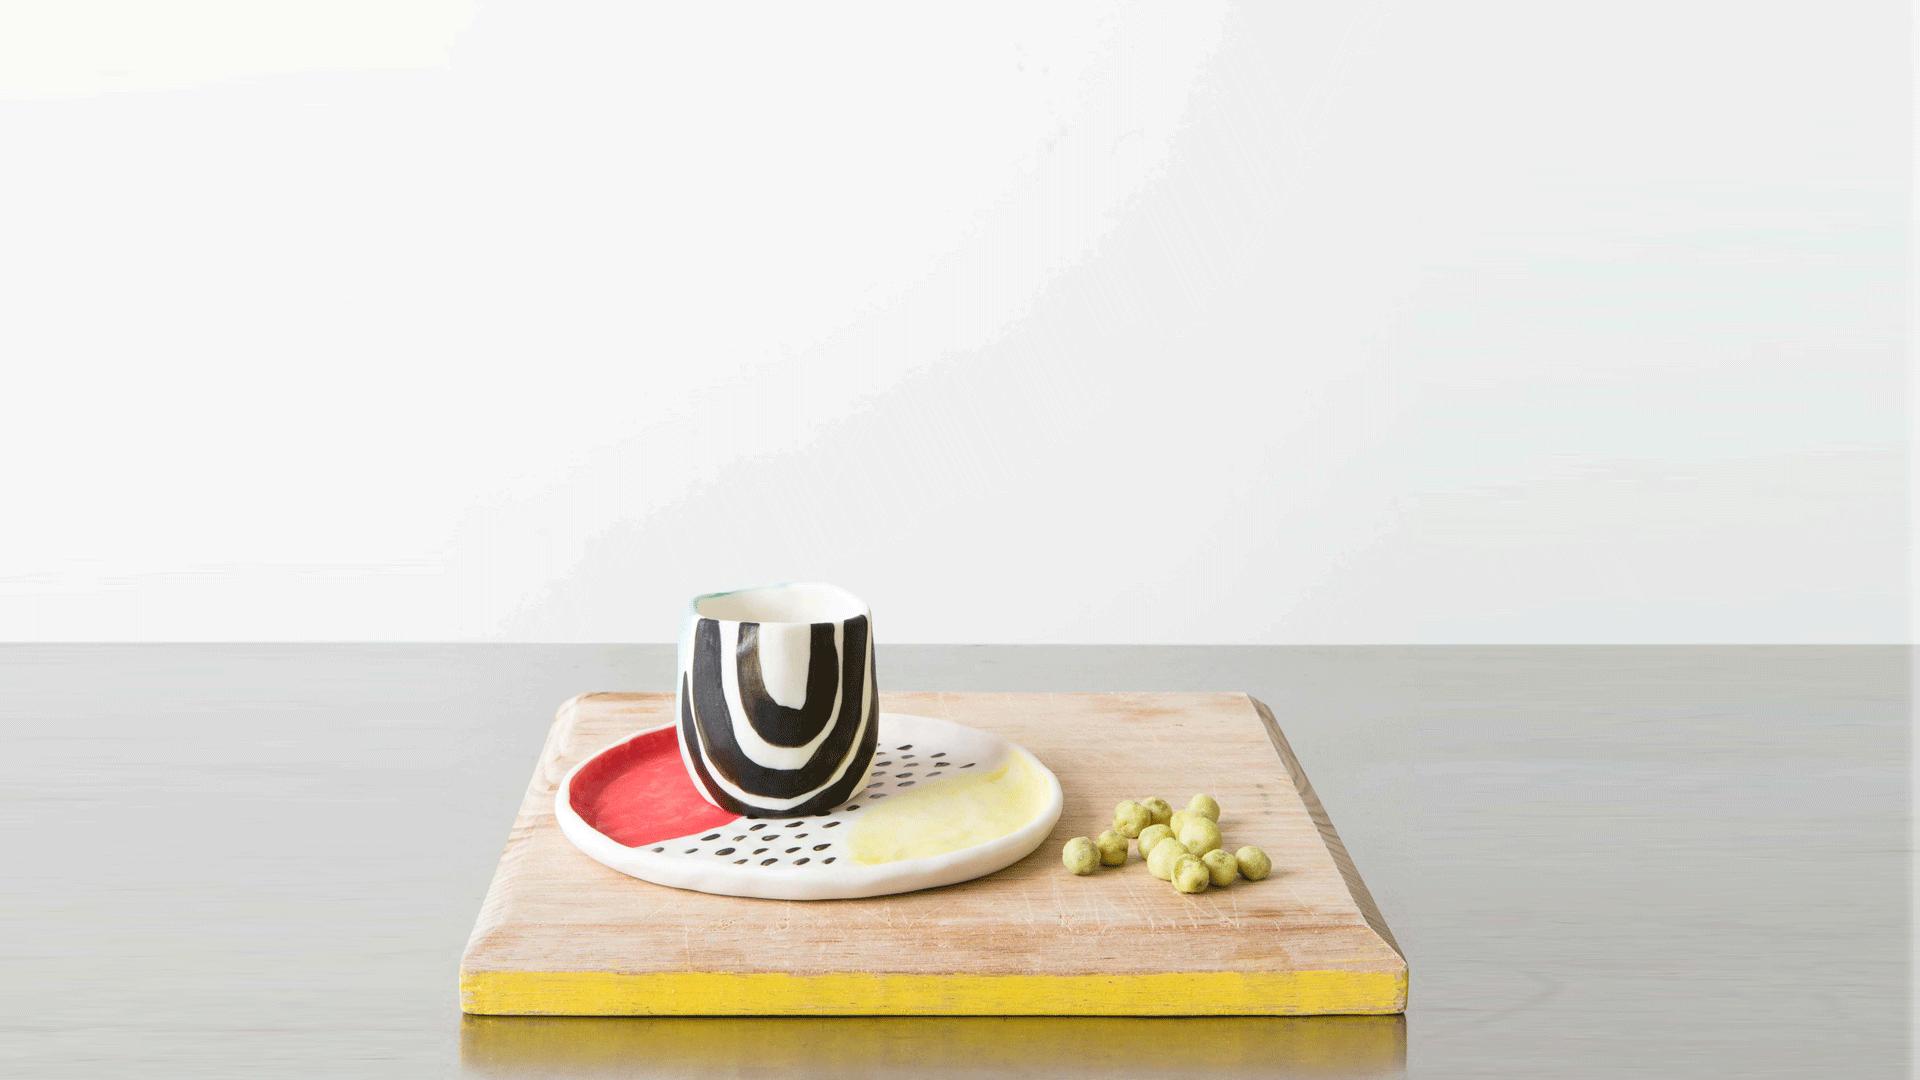 DIY Sake + Snack Set